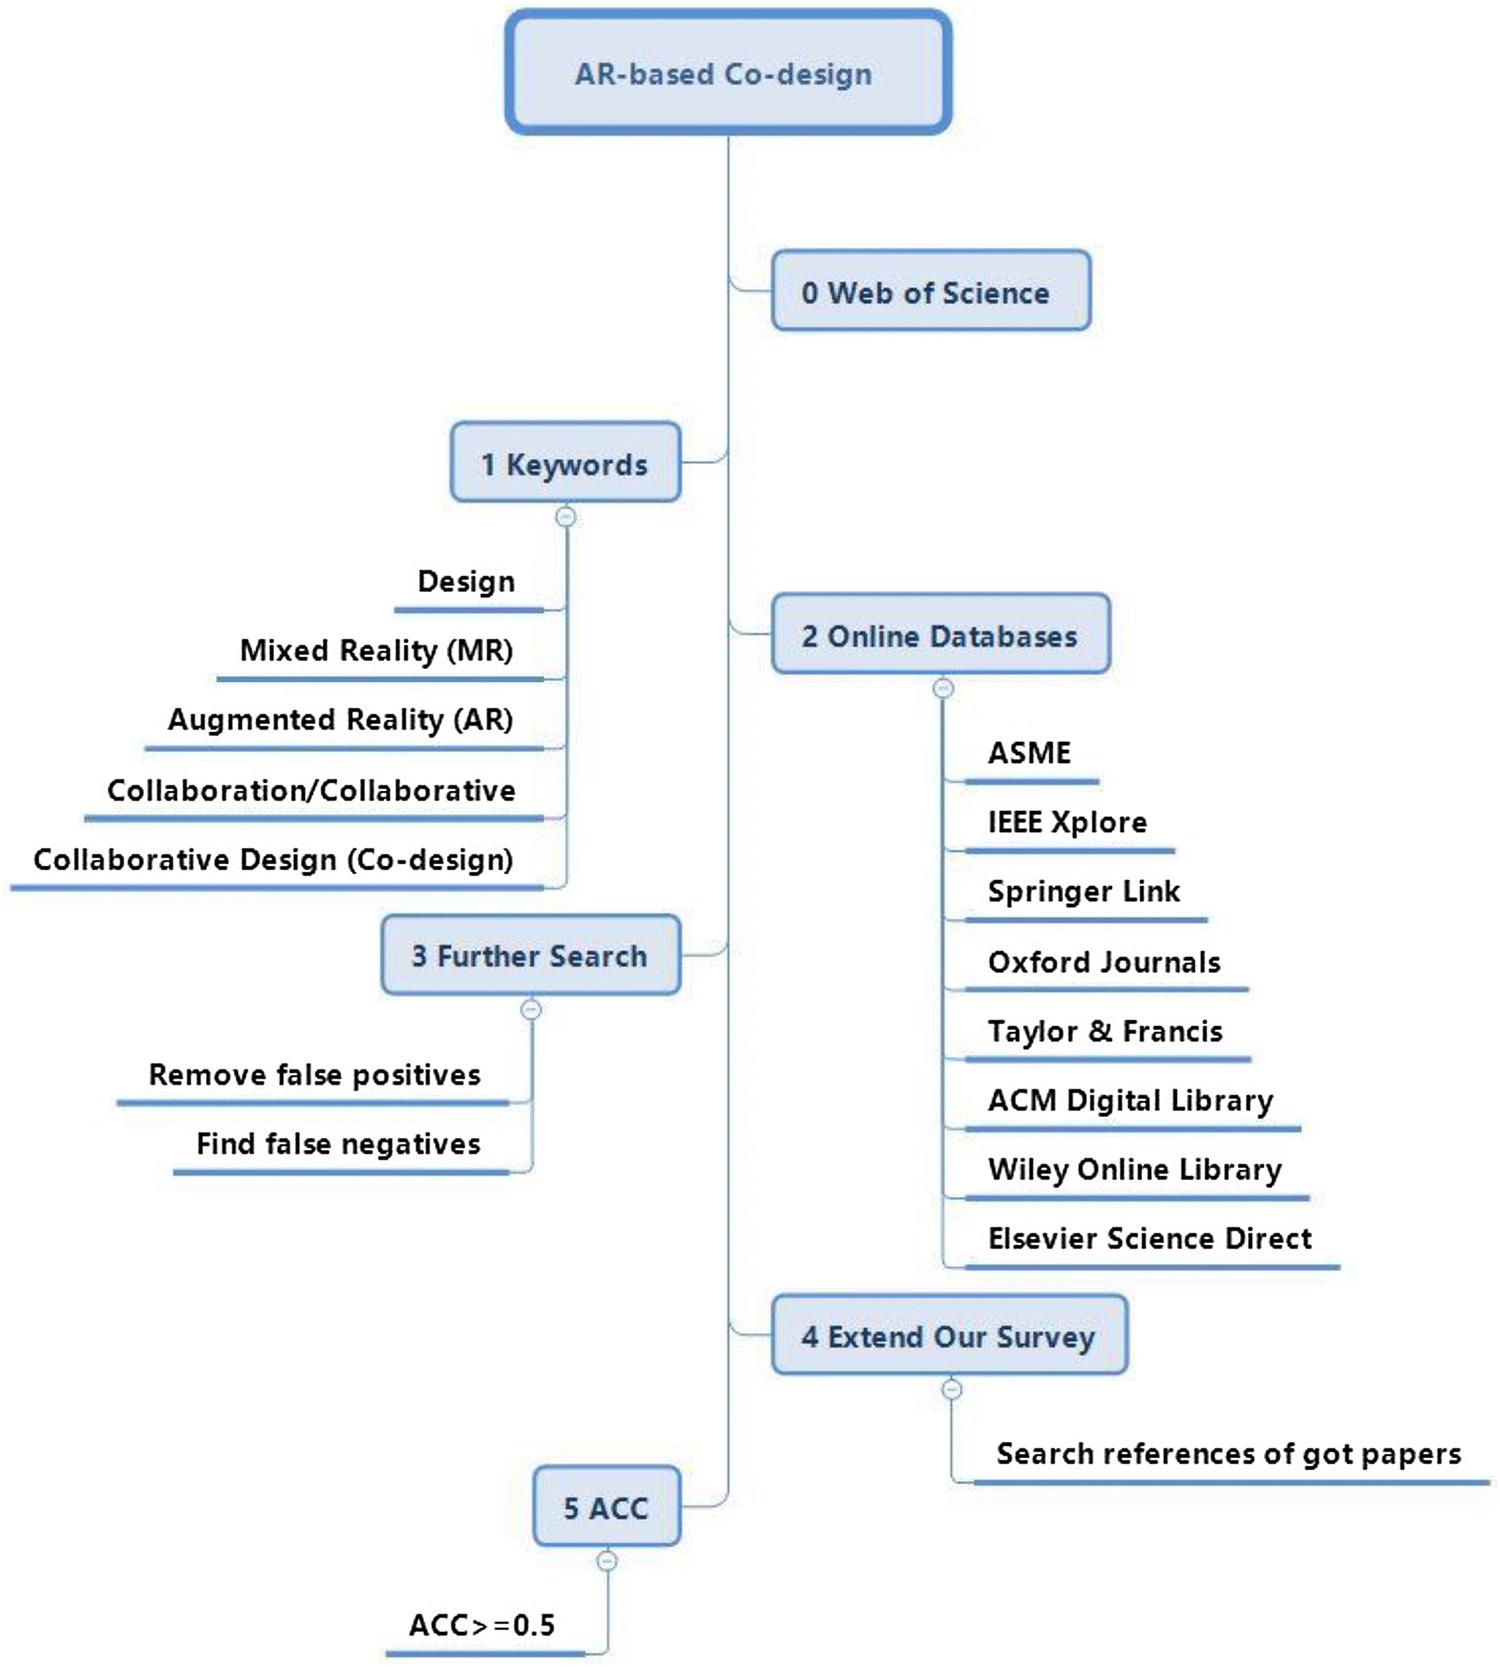 A comprehensive survey of AR/MR-based co-design in